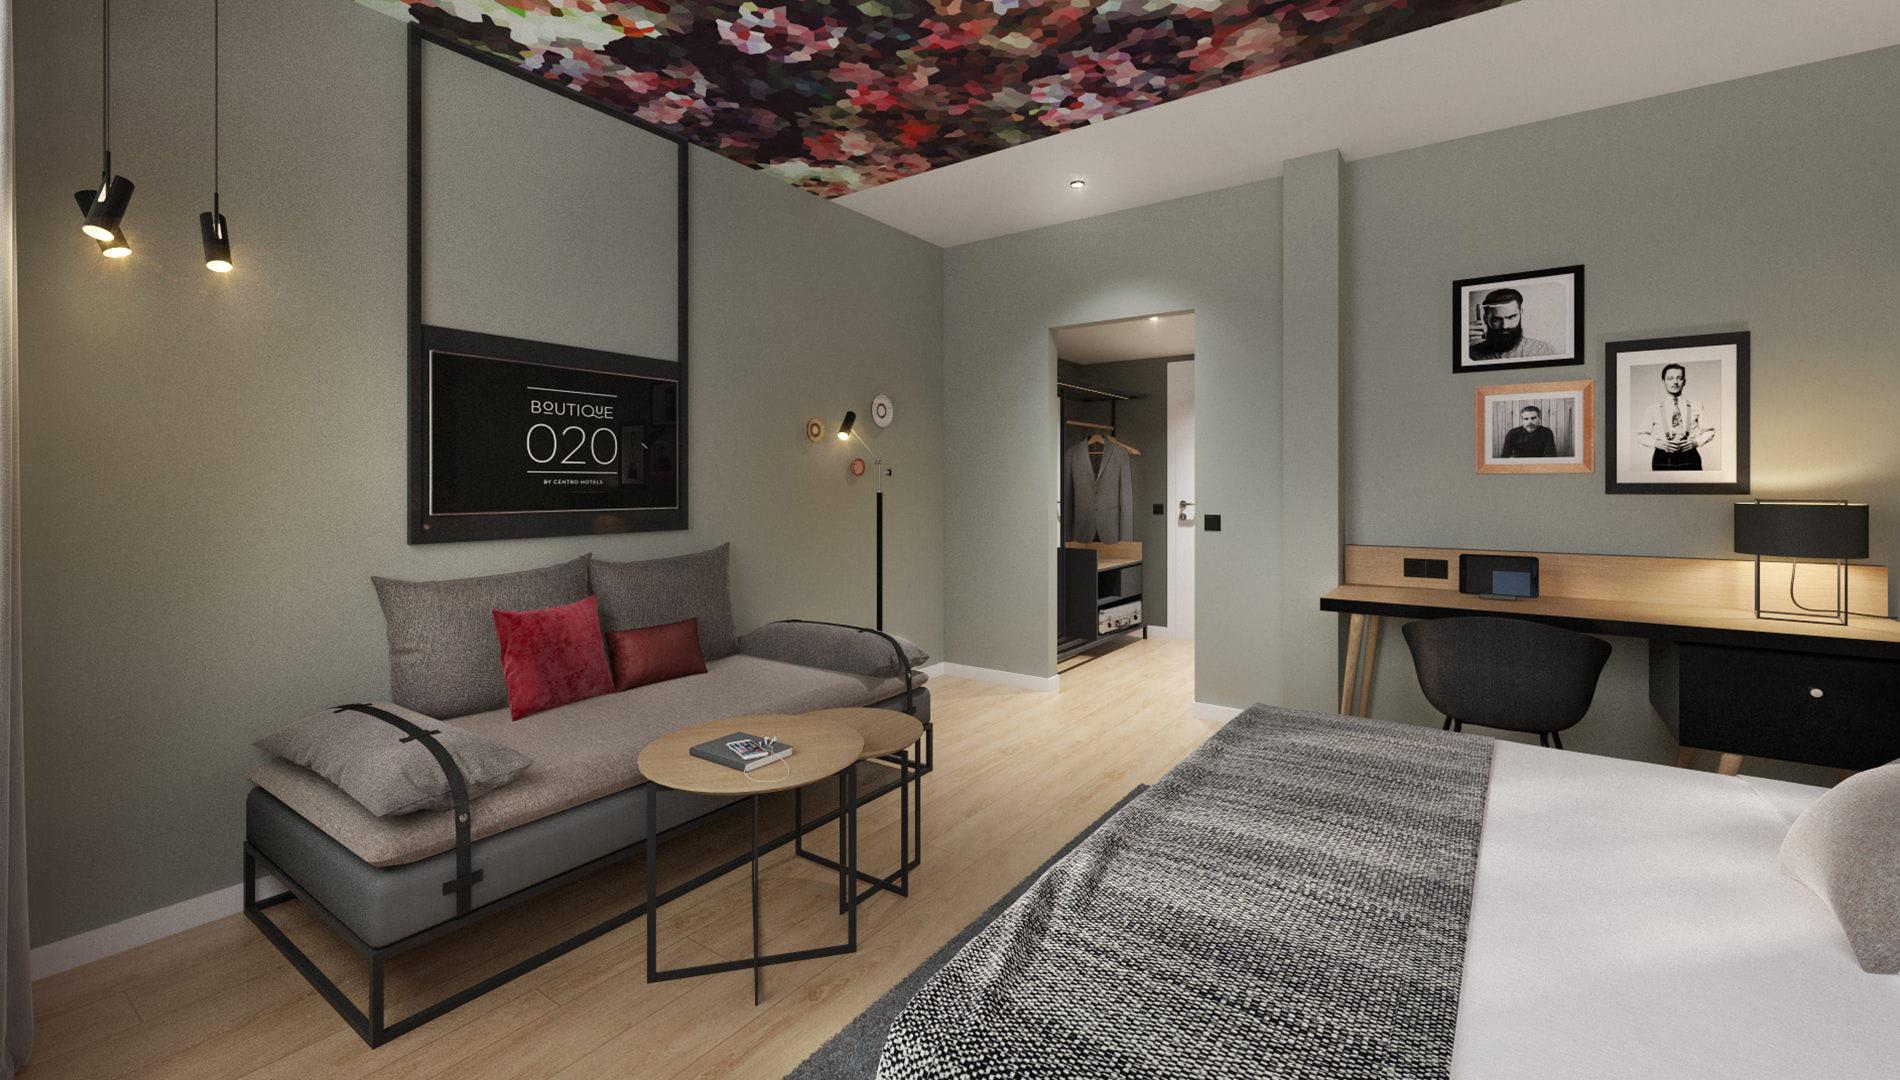 Destinationsentwicklung Boutique Hotels by Centro Hamburg Dortmund Hotel Design Hotelzimmer Bett Sofa Going Places